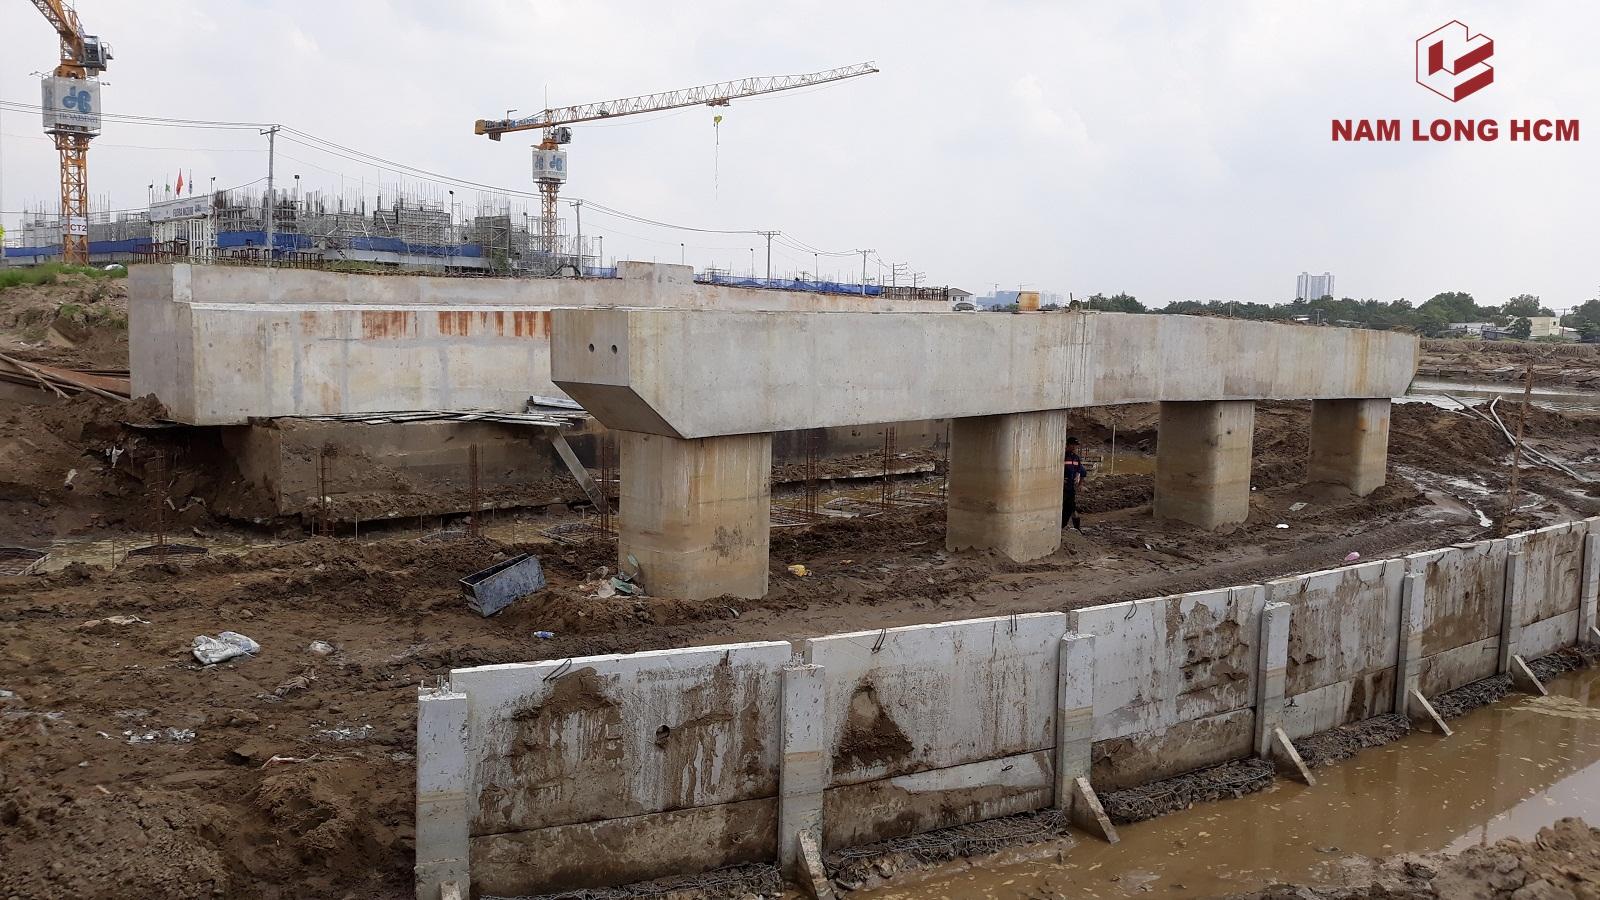 Chủ đầu tư đang triển khai xây xây dựng cầu số 2. Bắc từ 5 Block Flora Mizuki qua khu lõi dự án. Ảnh: Nam Long HCM